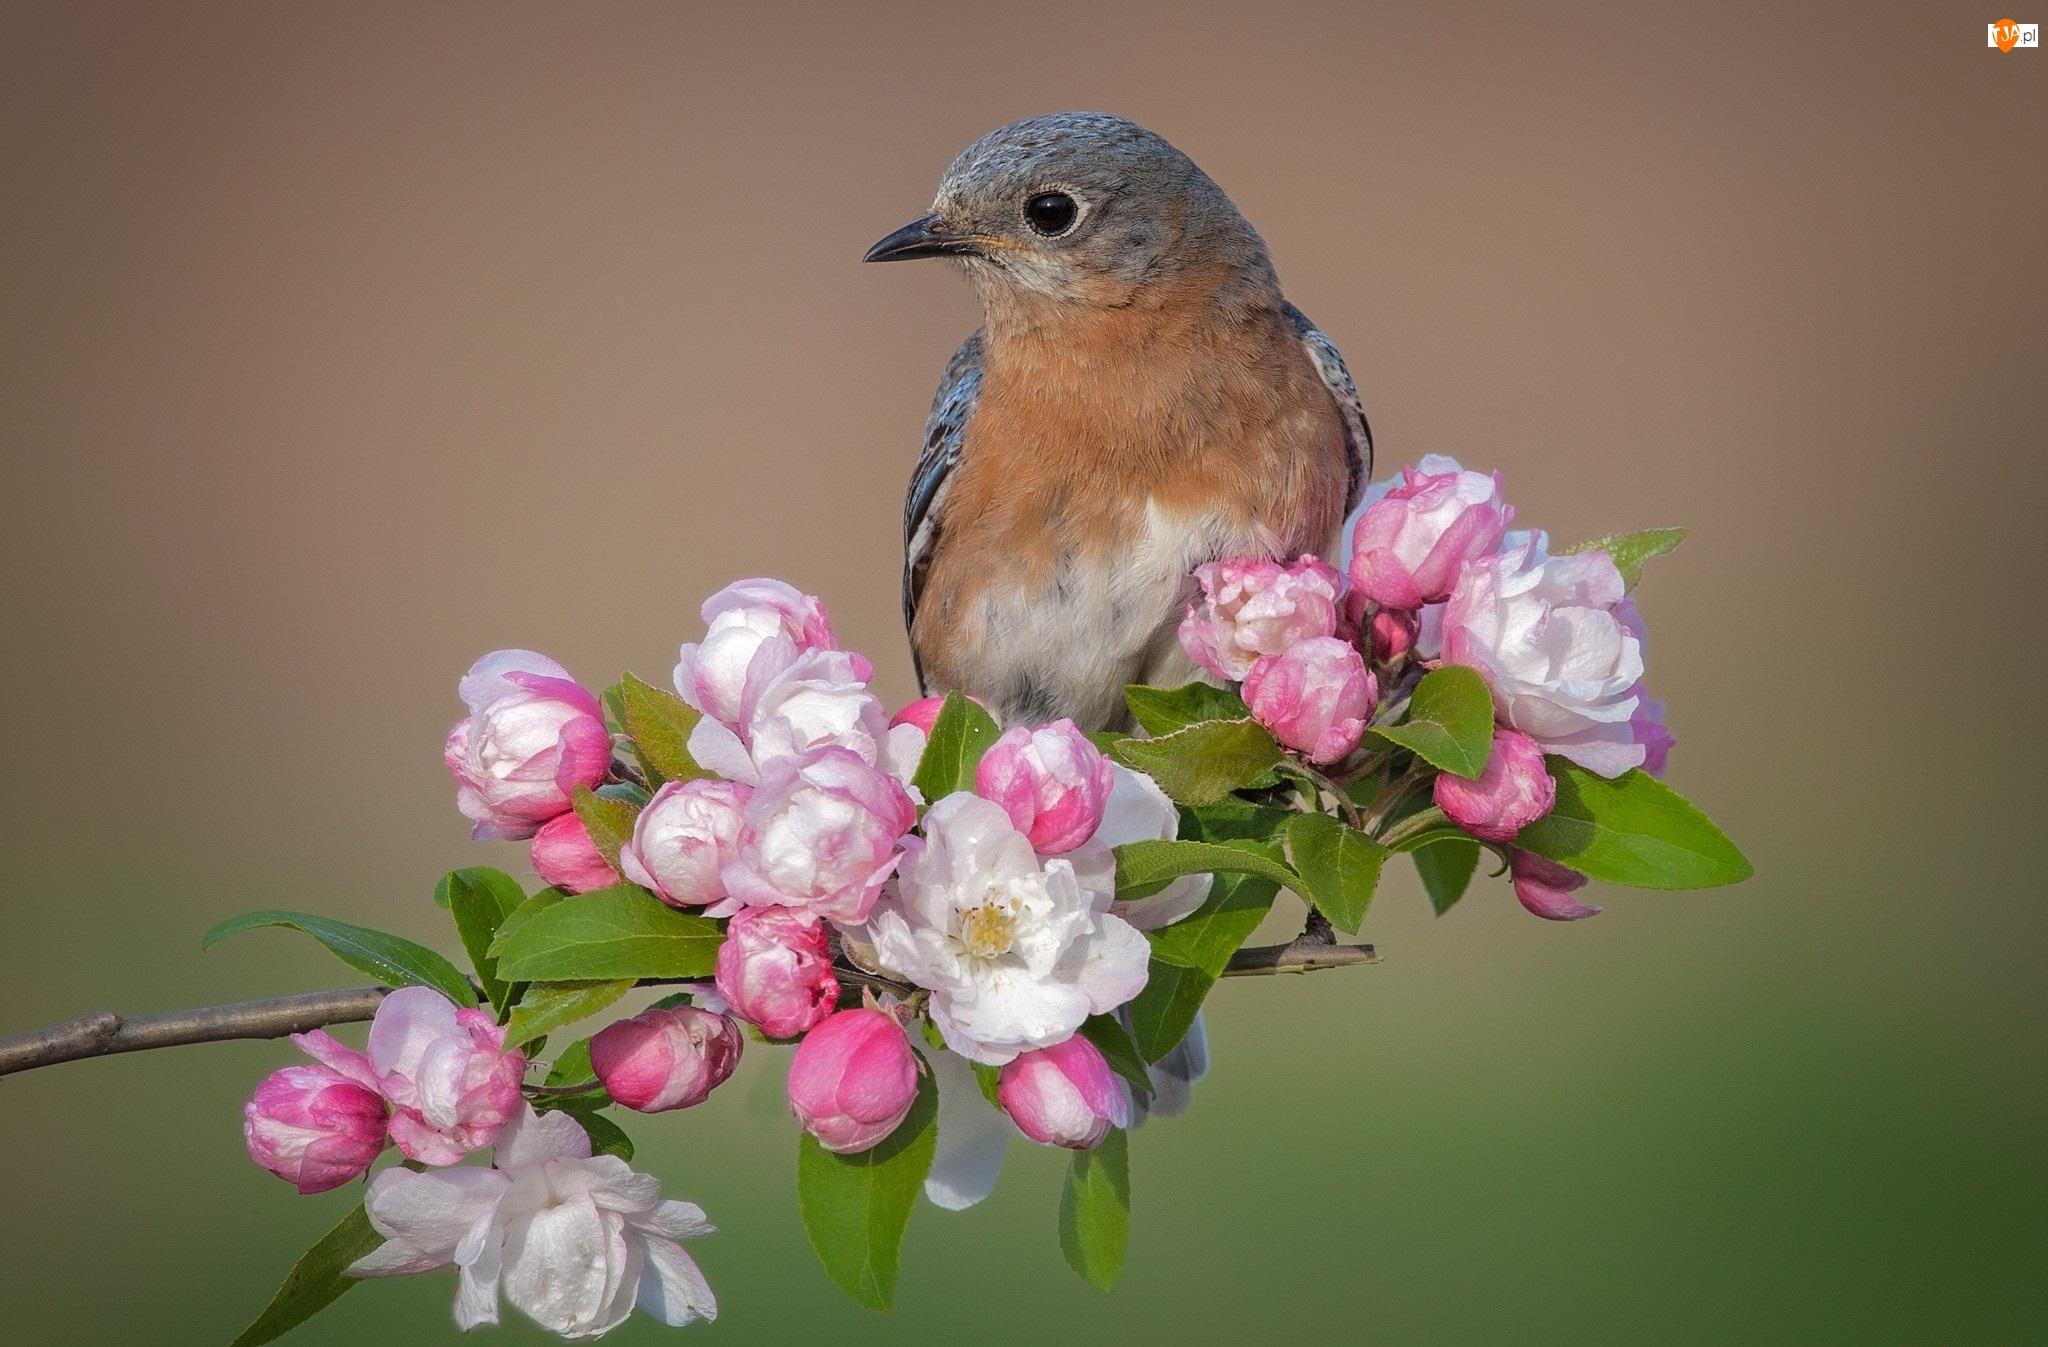 Ptak, Kwiaty, Błękitnik rudogardły, Gałąź